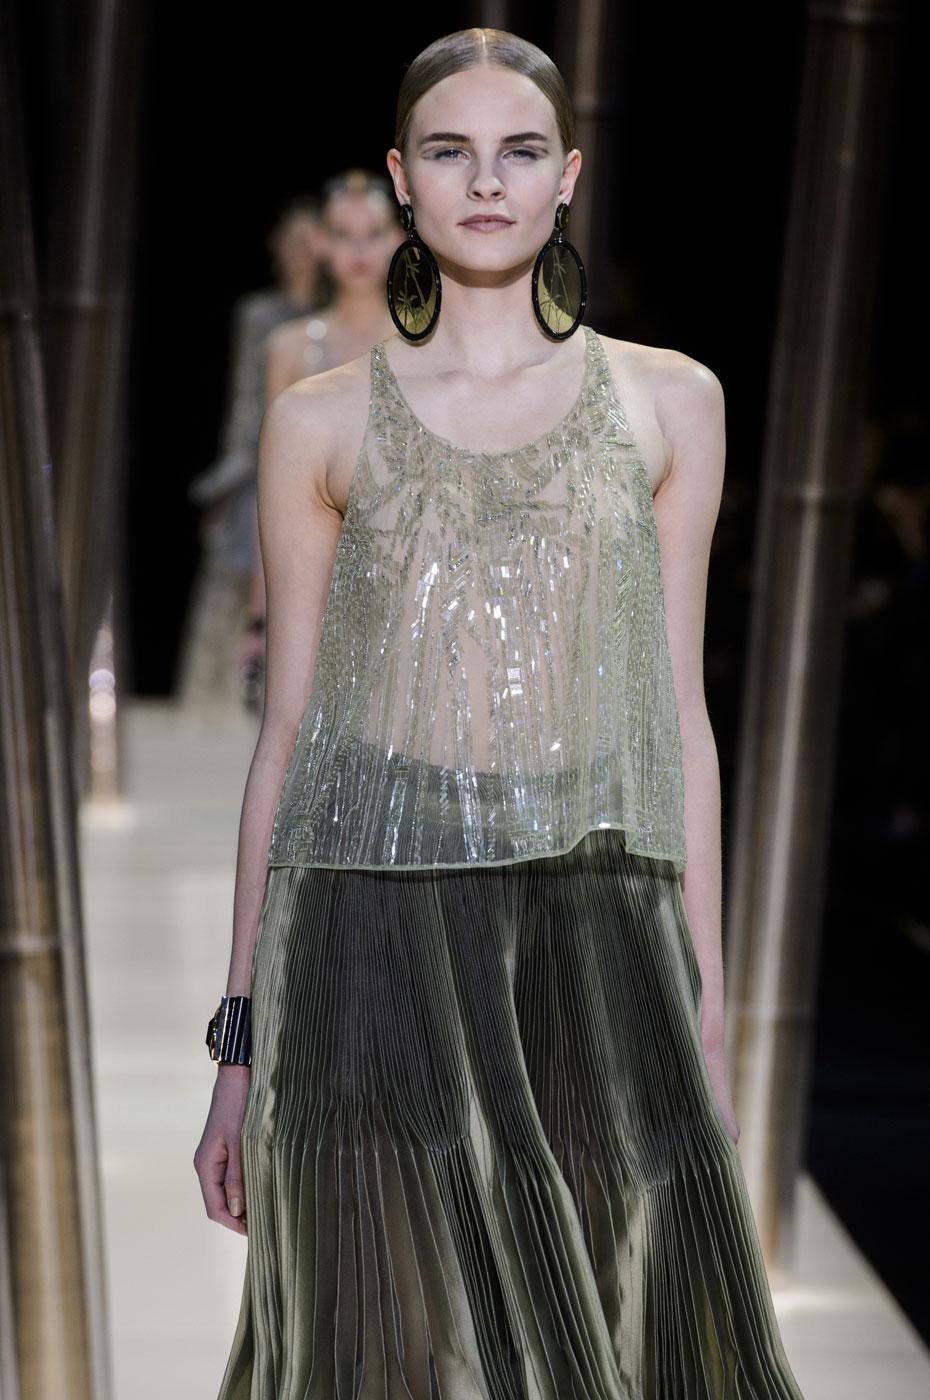 Giorgio-armani-Prive-fashion-runway-show-haute-couture-paris-spring-2015-the-impression-058